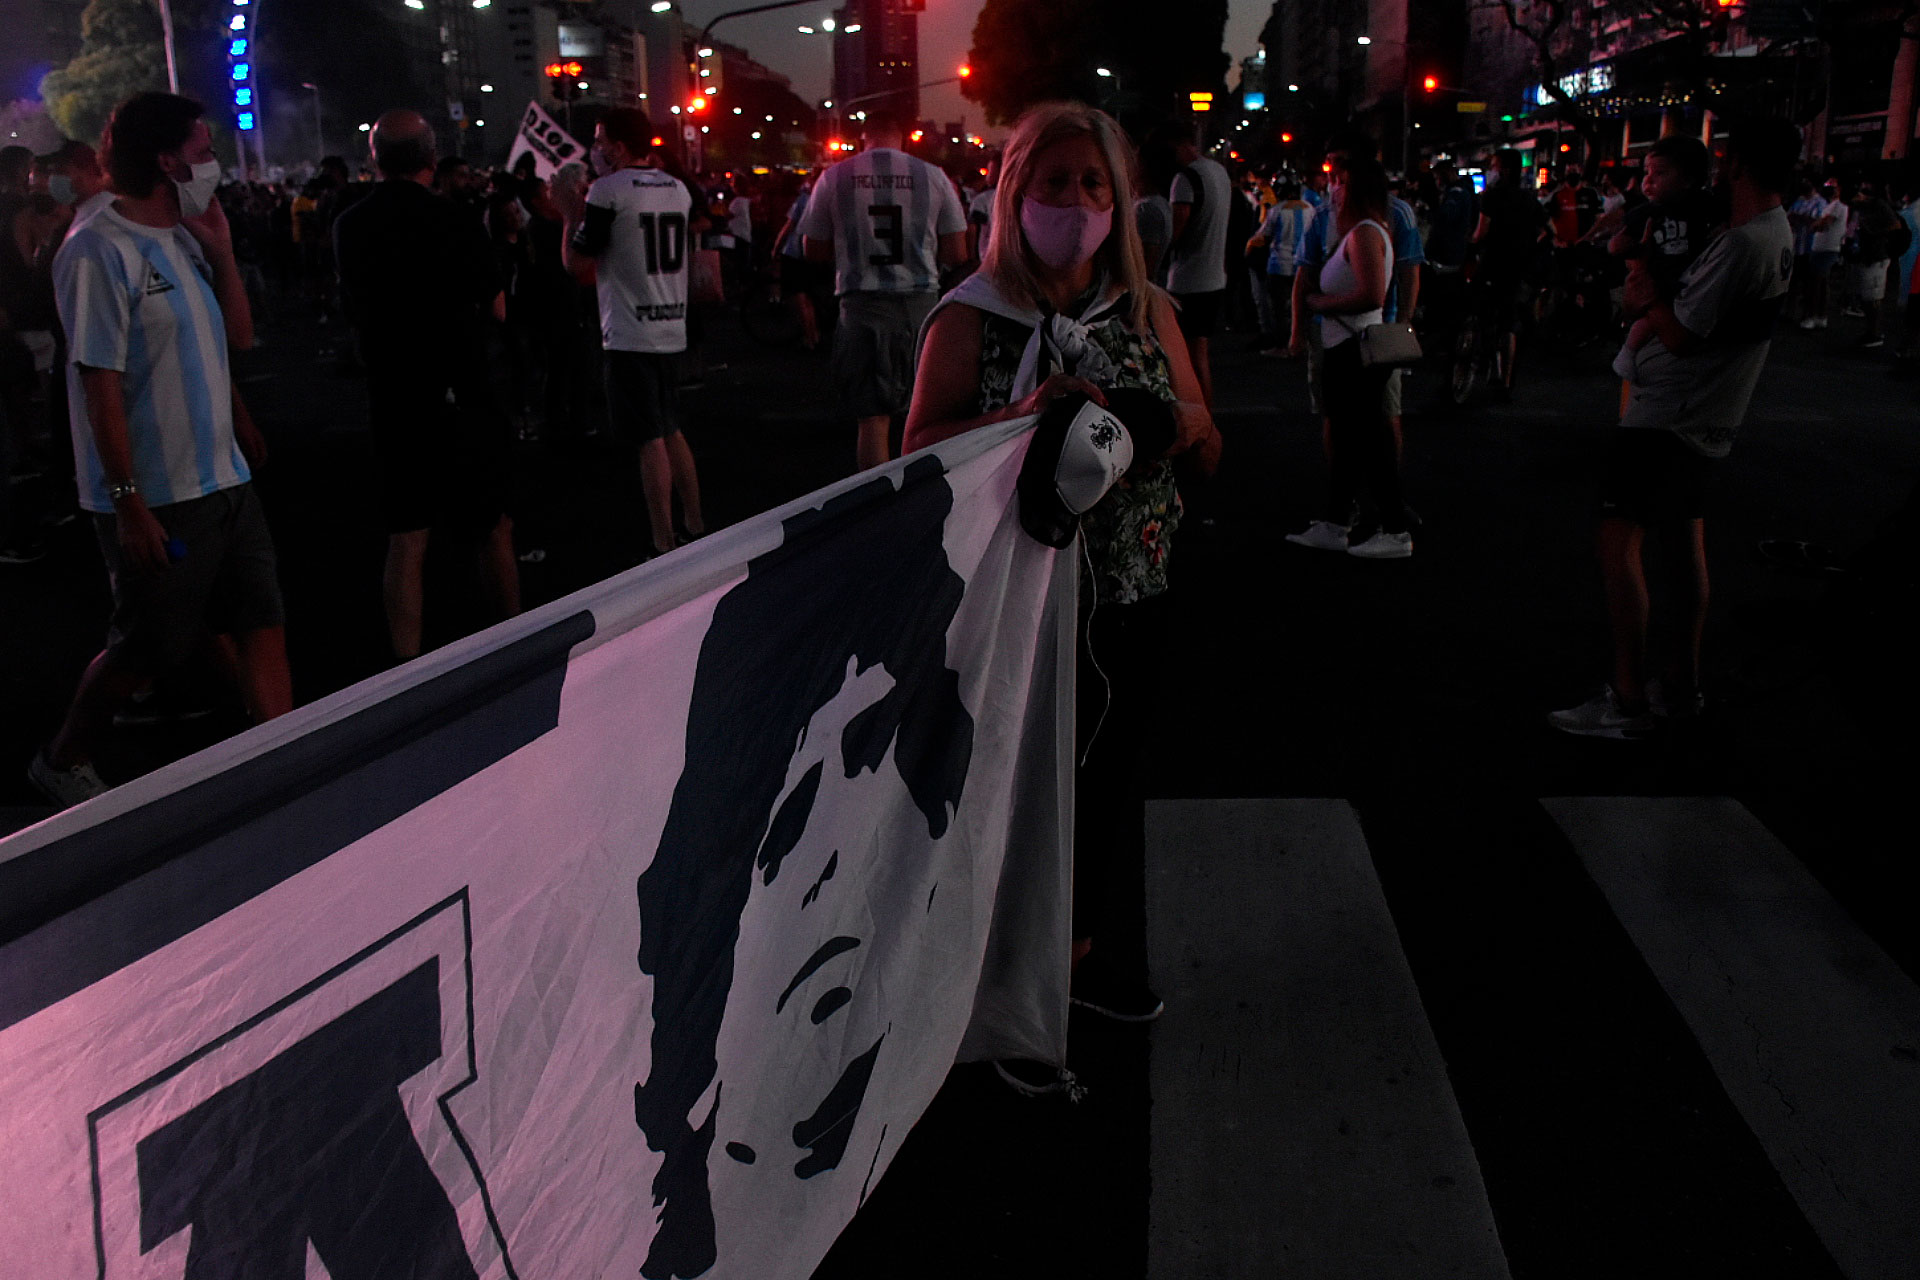 El rostro del Diez fue bandera, multiplicado por miles (Nicolás Stulberg)